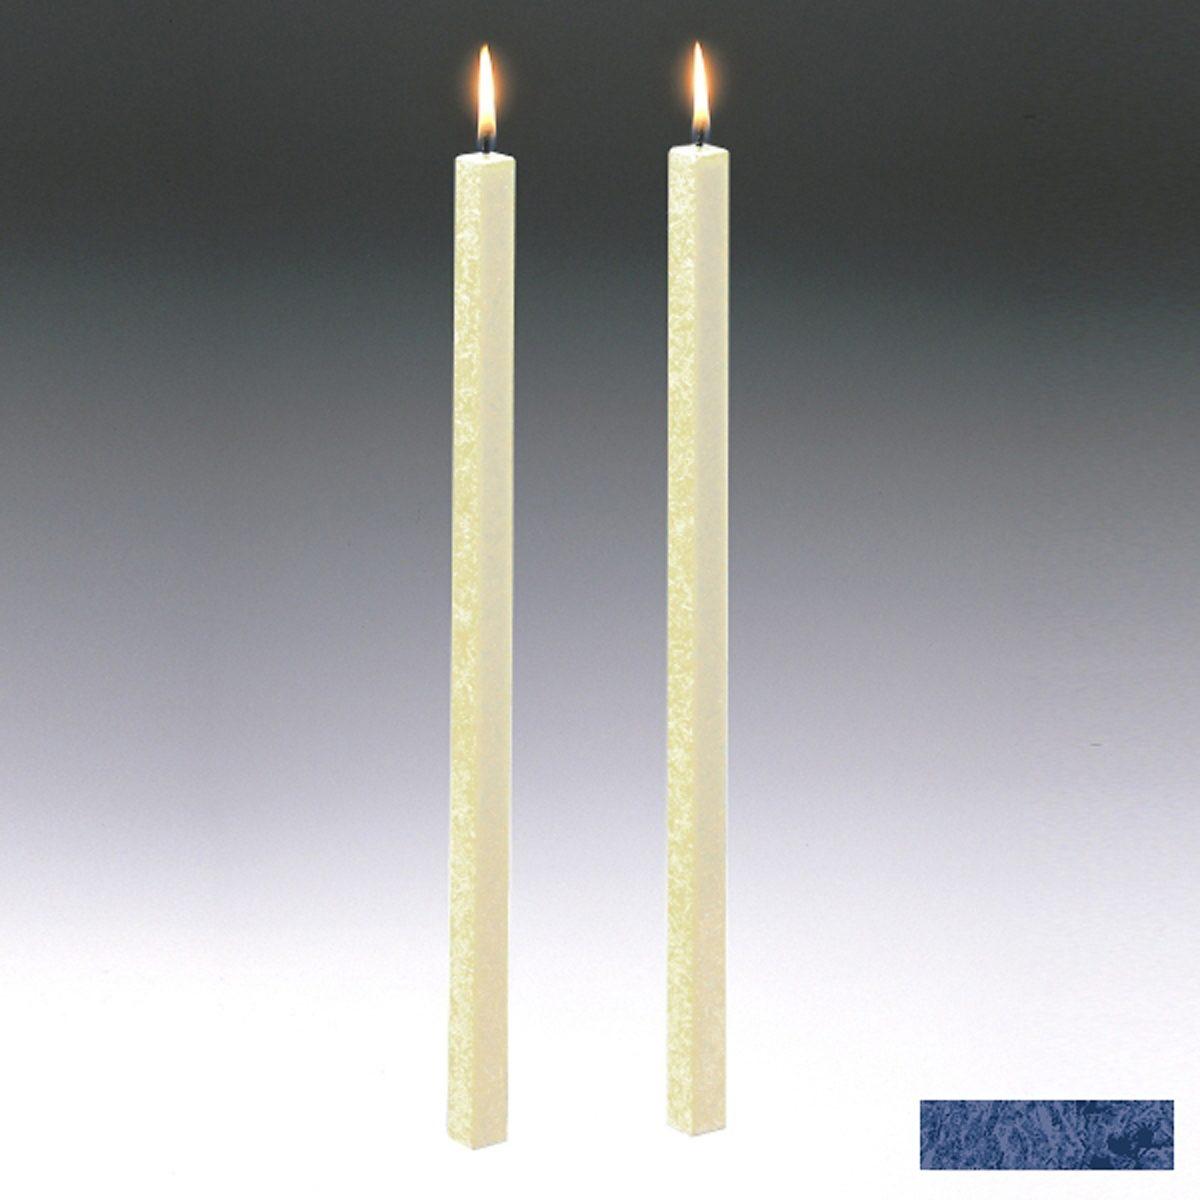 Amabiente Amabiente Kerze CLASSIC Nachtblau 40cm - 2er Set